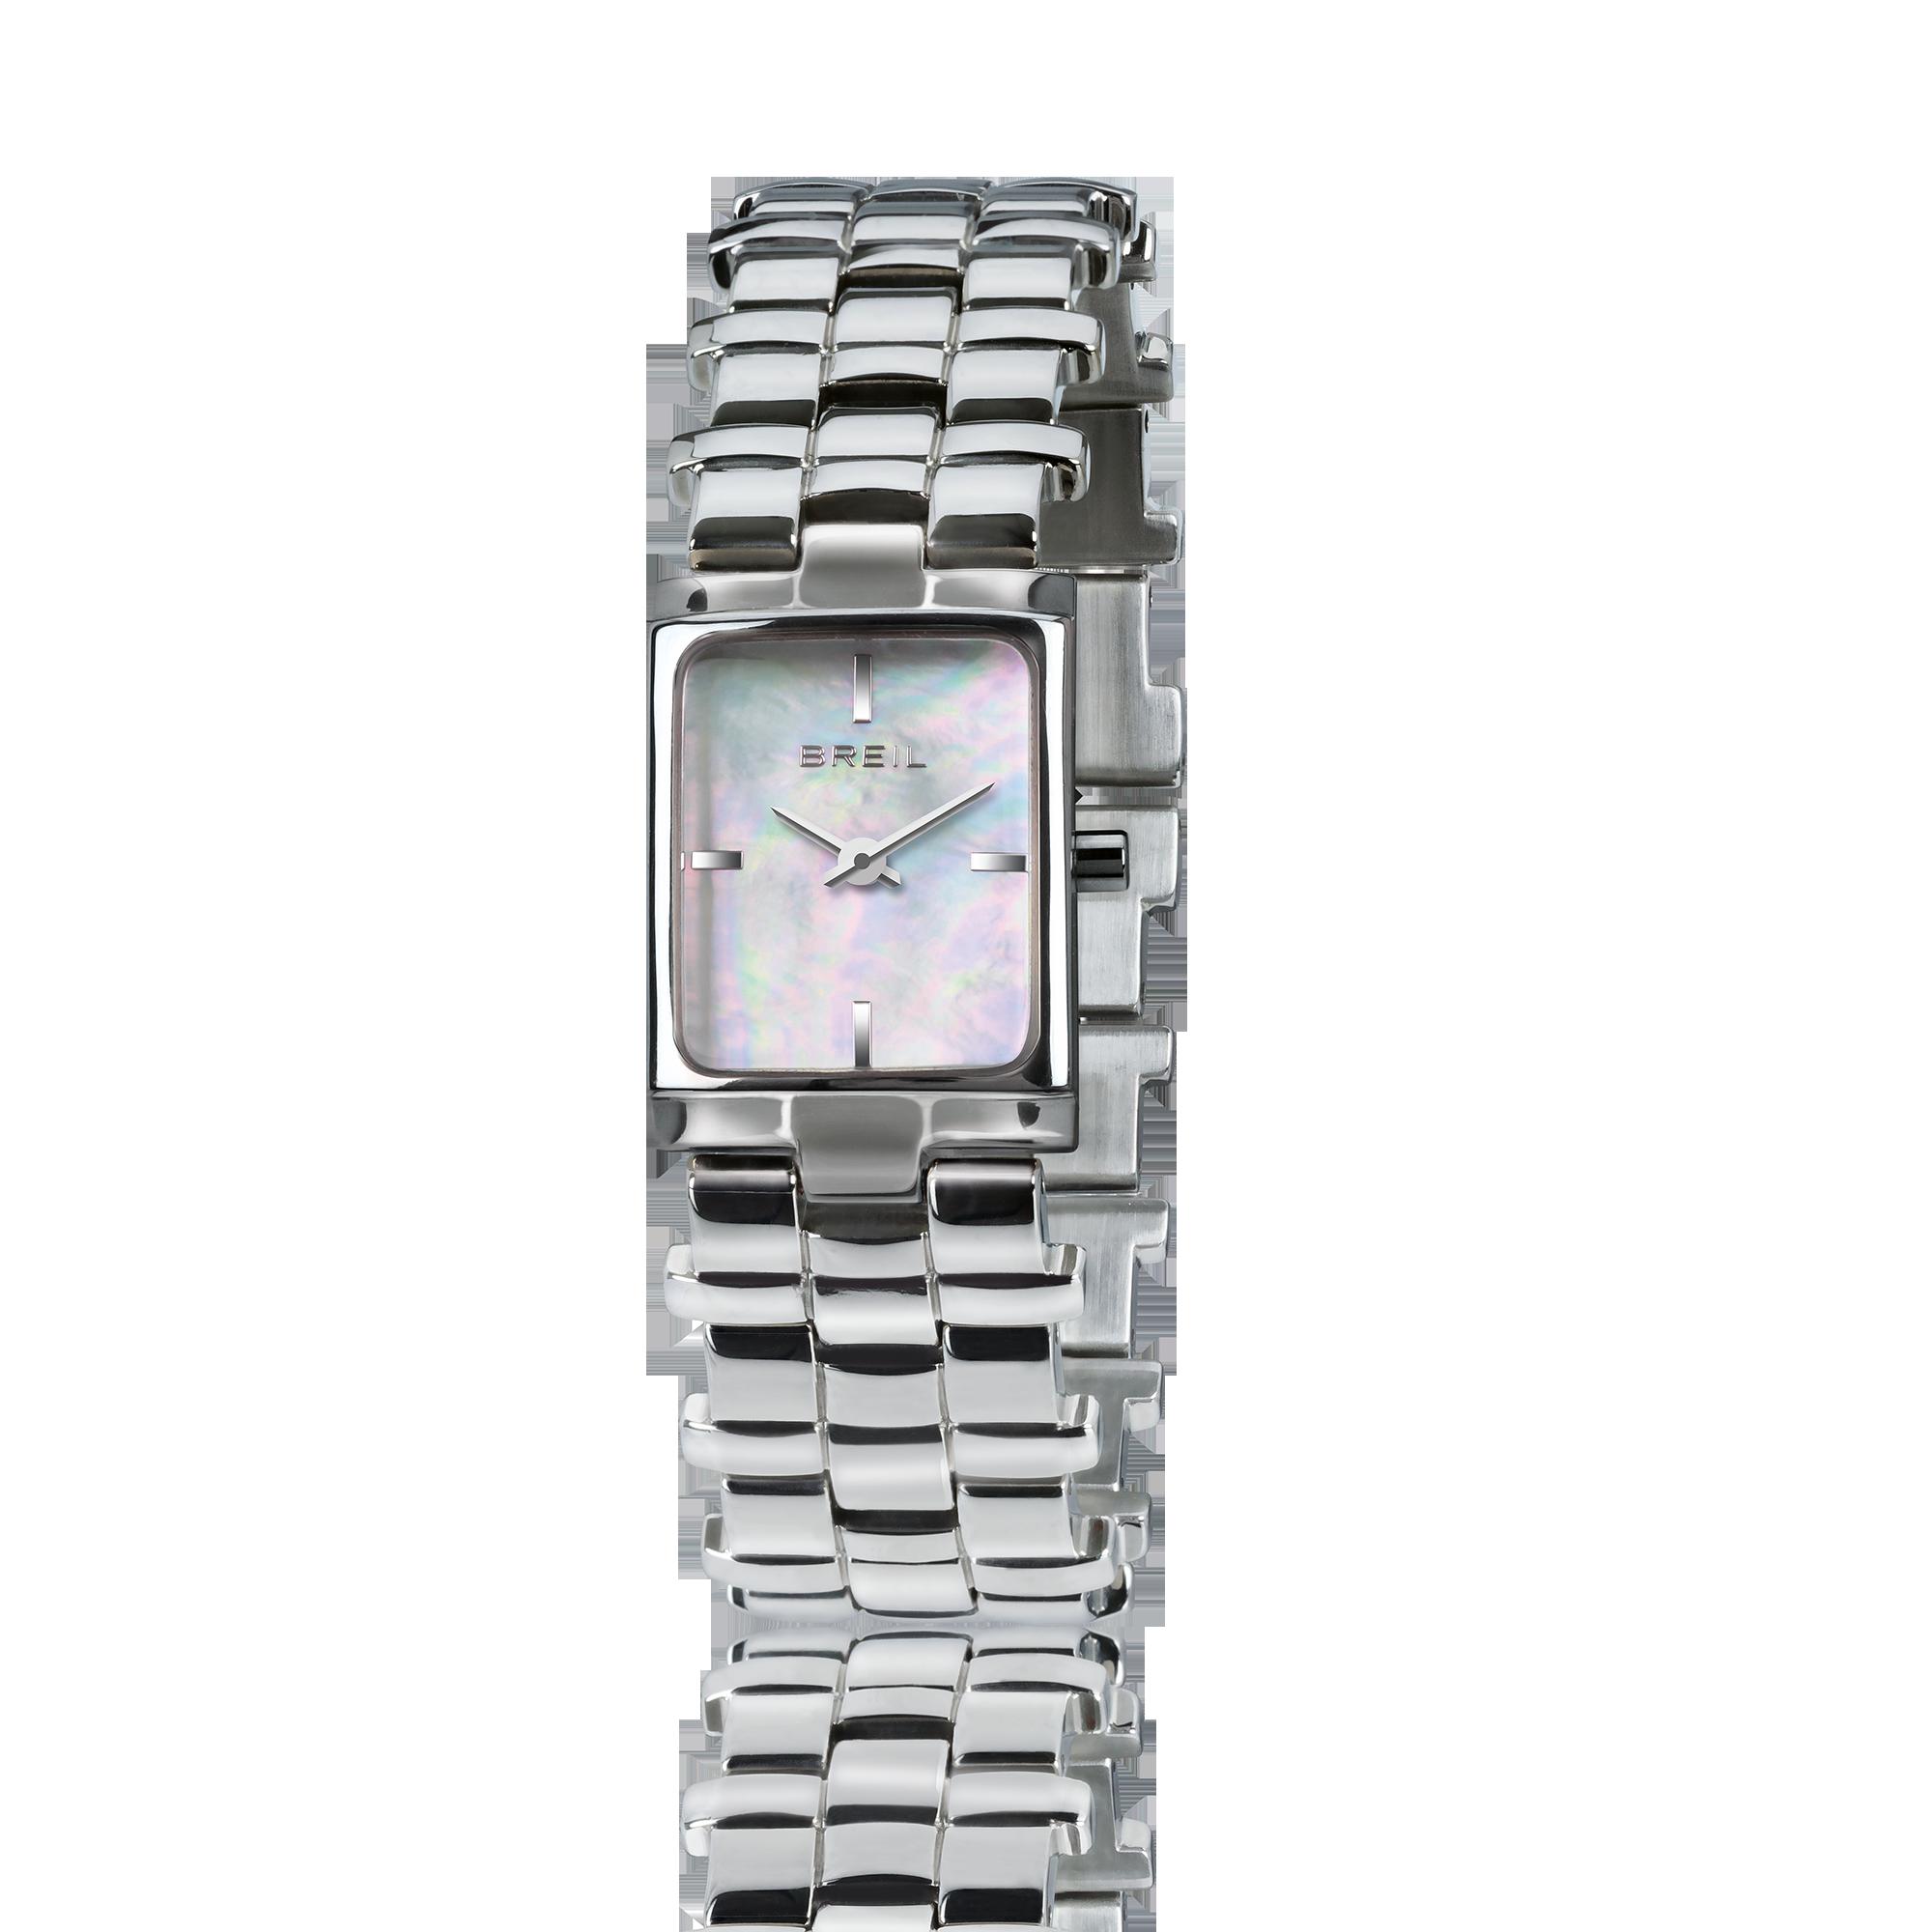 TW1591 Orologio solo tempo da donna Breil con cassa rettangolare e cinturino in acciaio - Orologi Valsusa